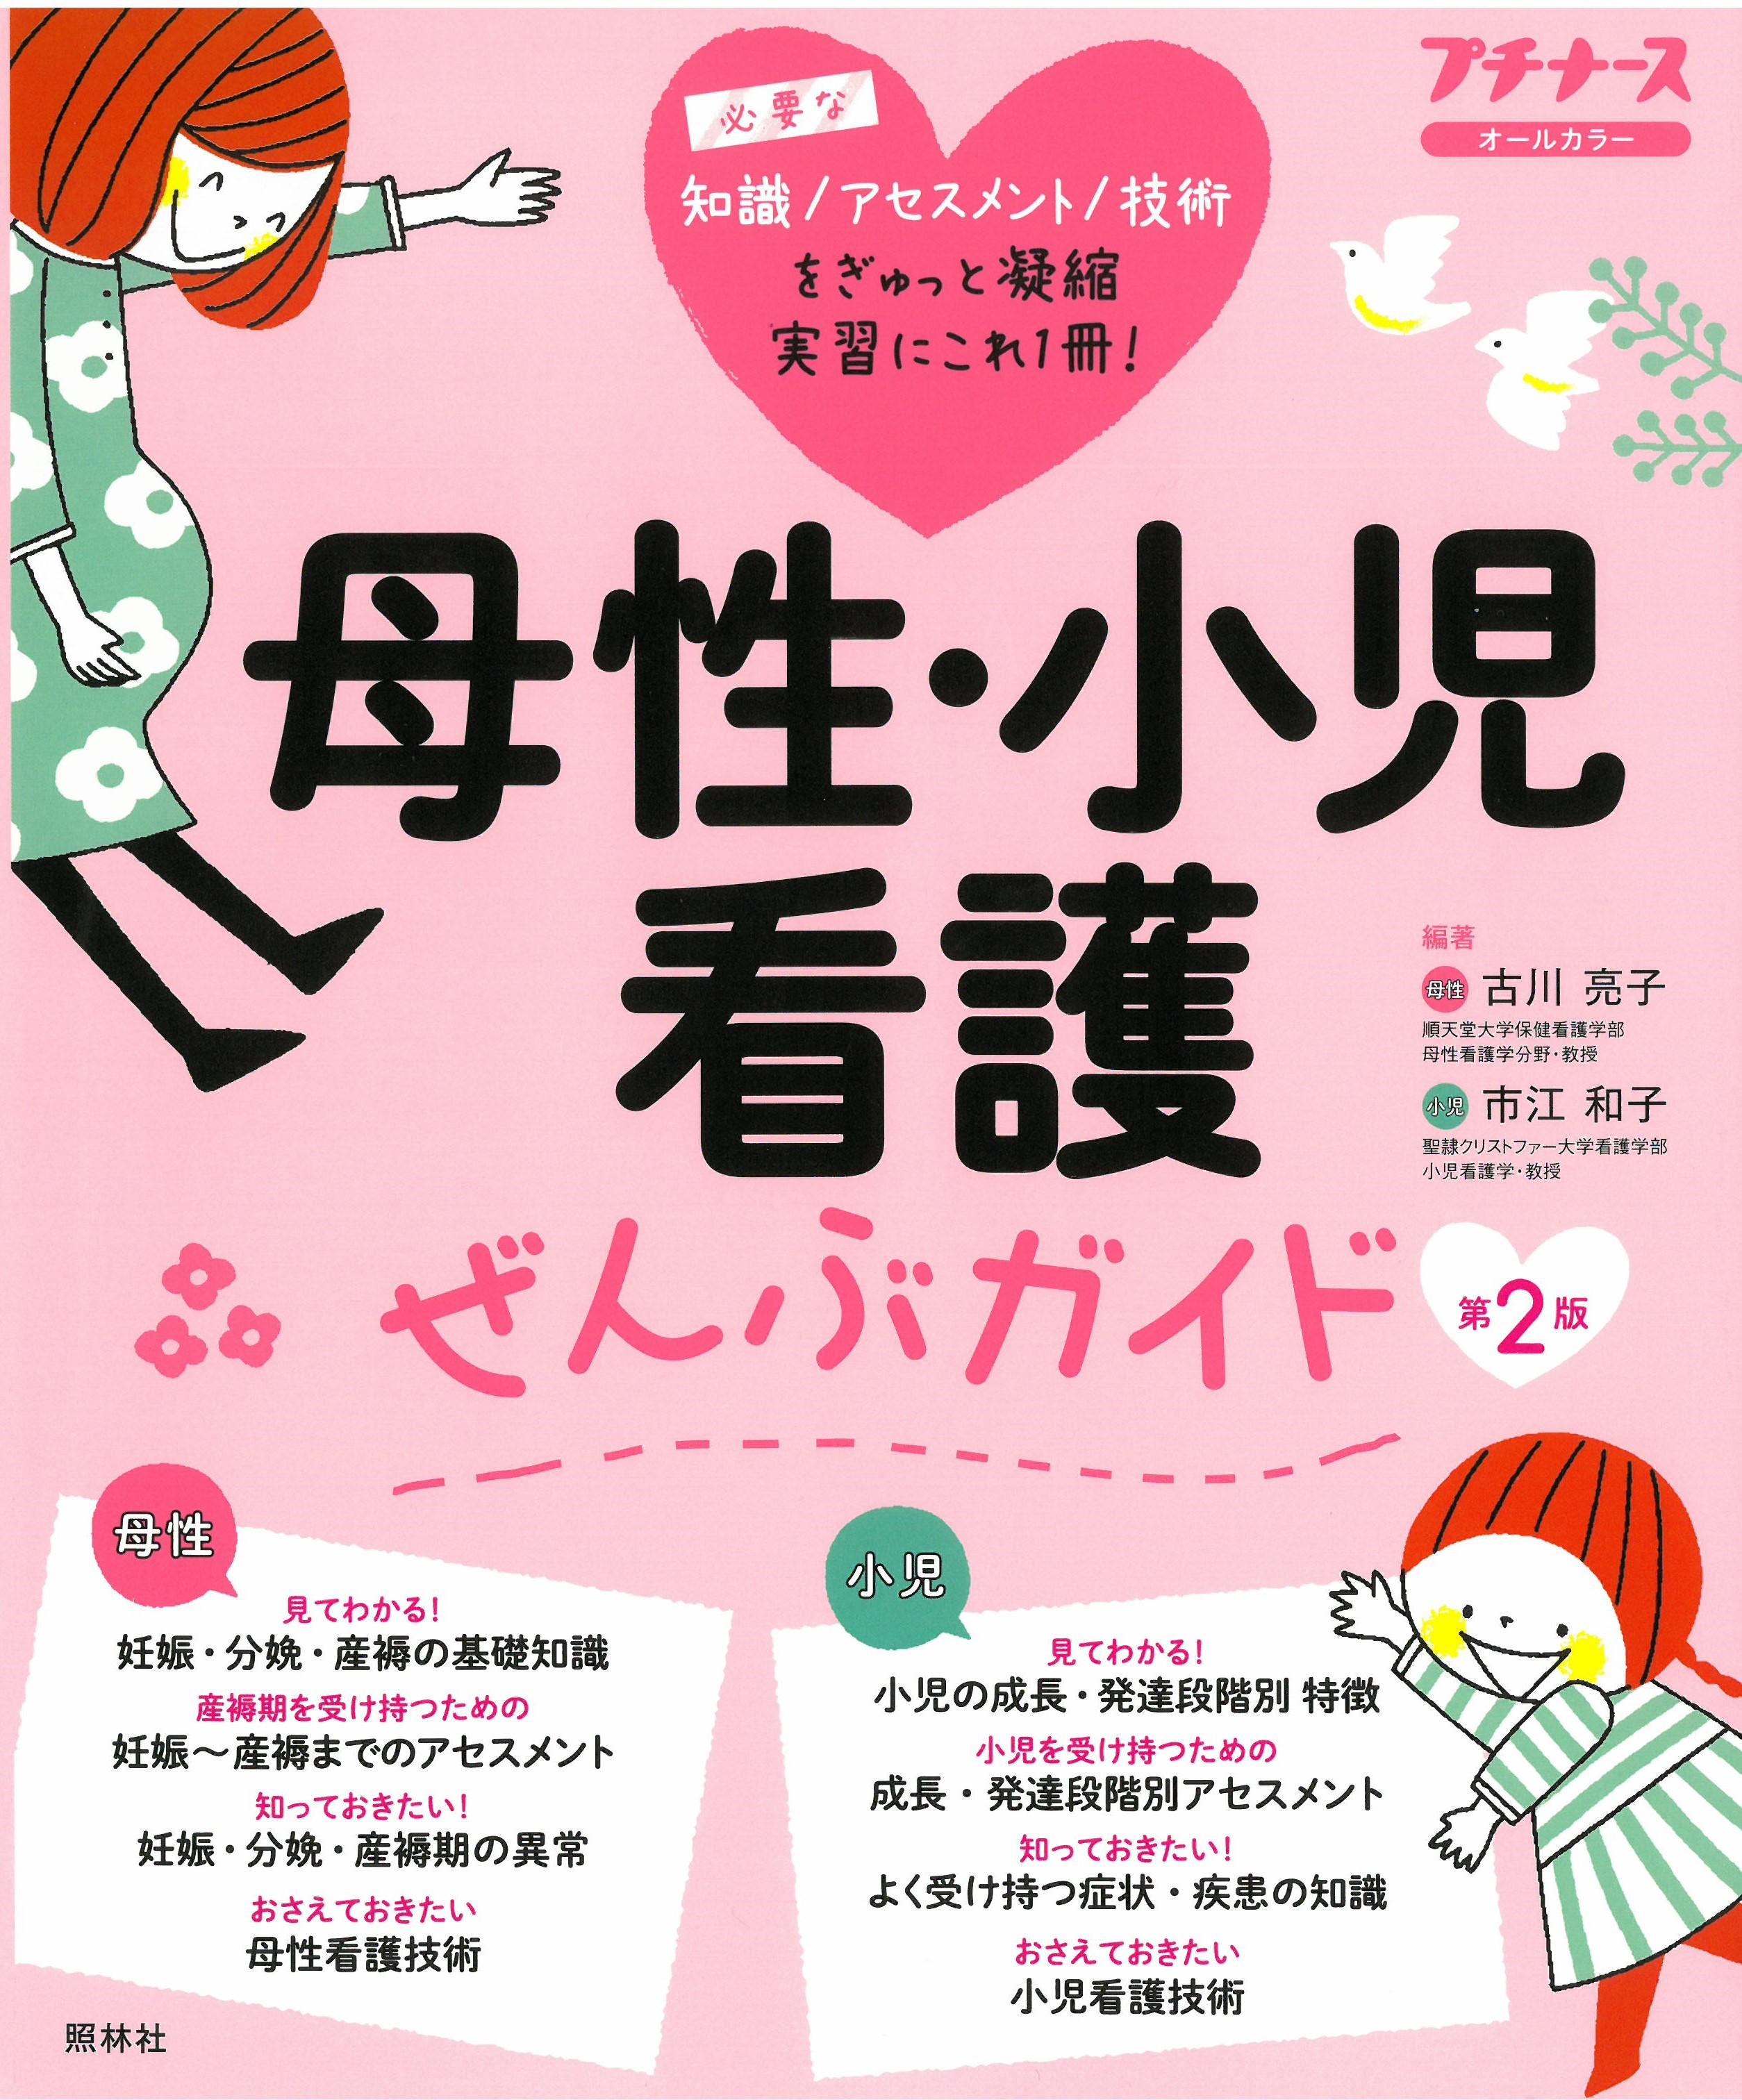 『プチナース 母性・小児看護ぜんぶガイド第2版』